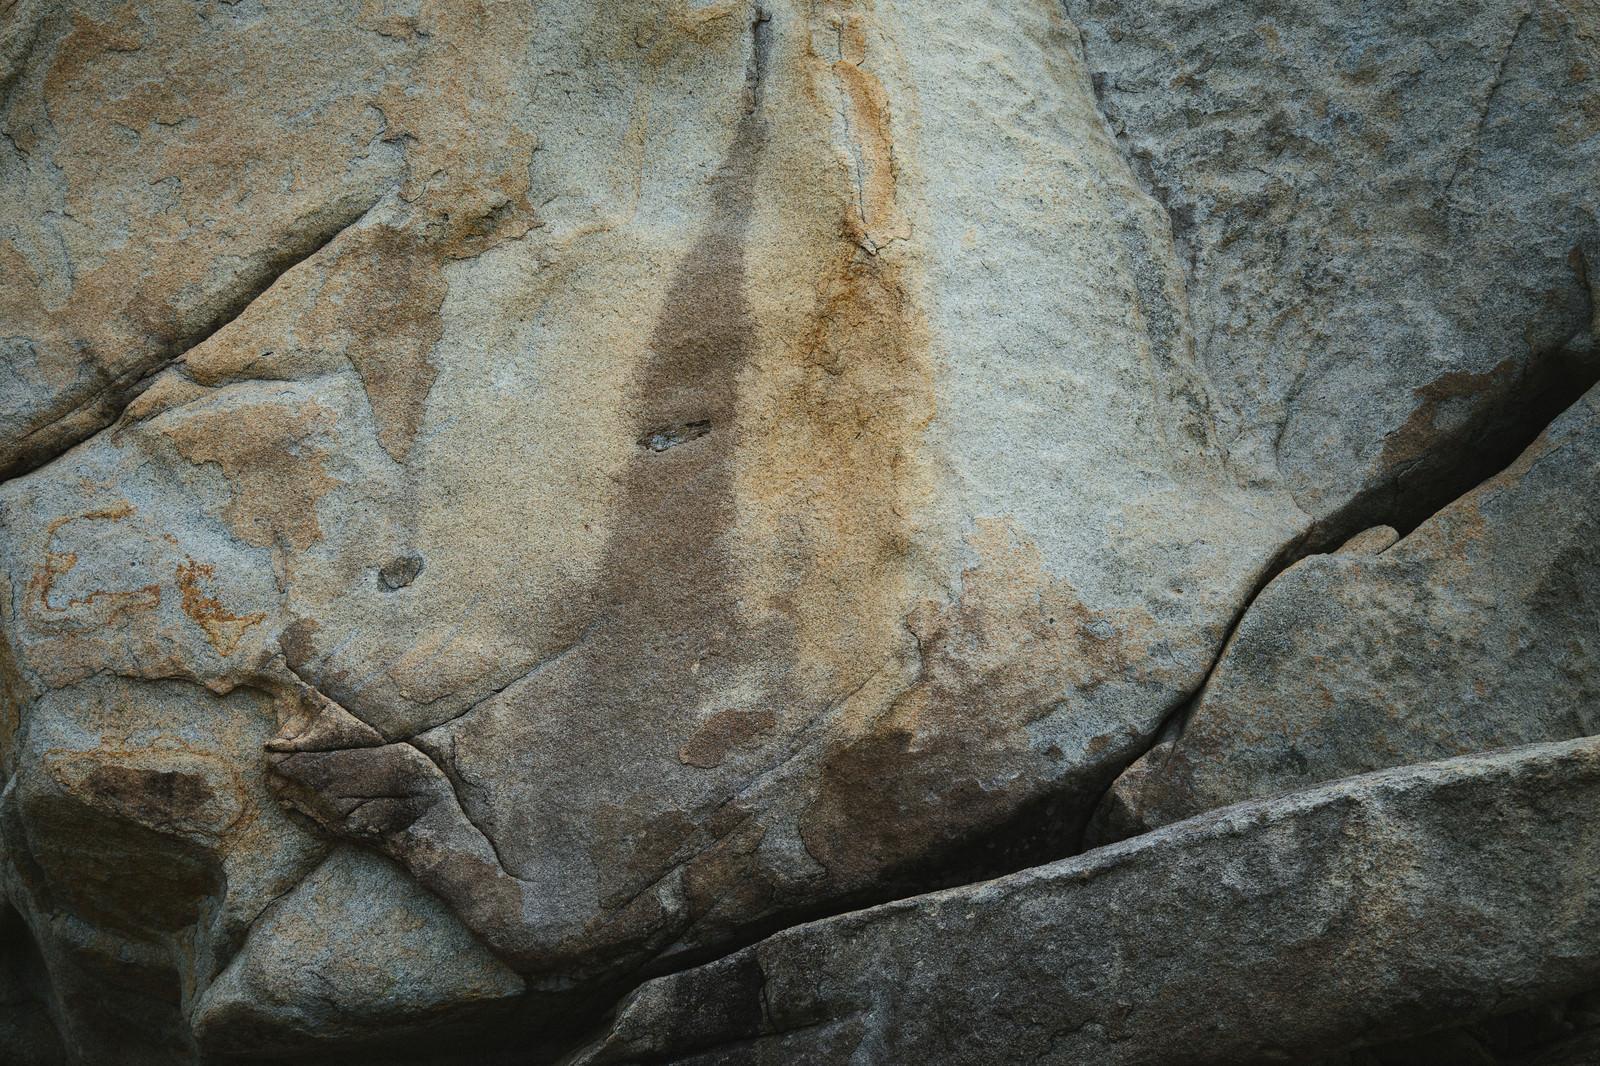 「ムシロ瀬の岩石の面」の写真